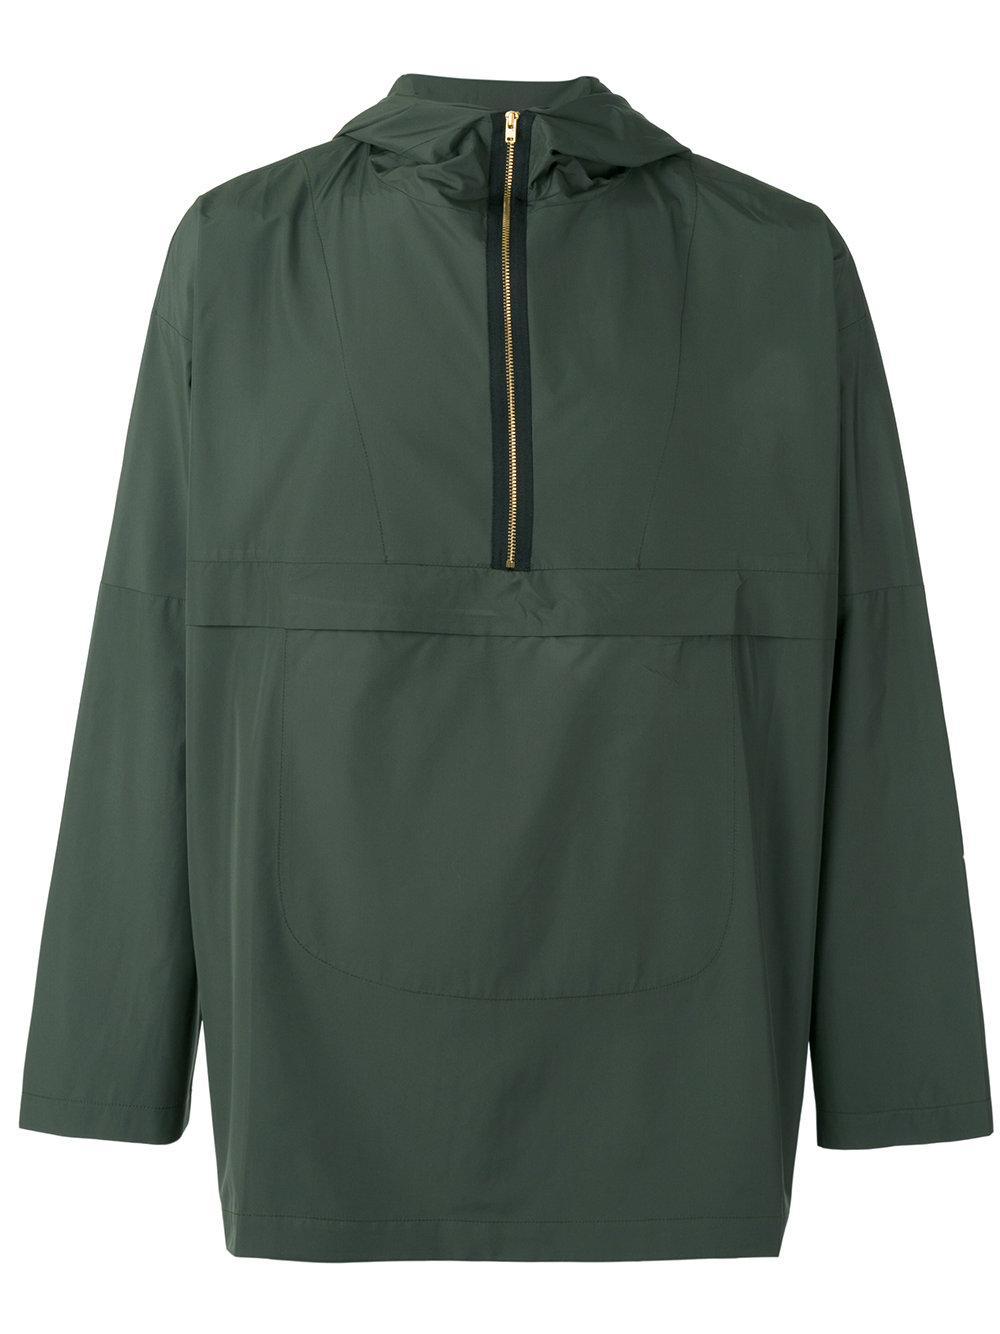 Oliver Spencer Half Zip Cagoule Jacket In Green For Men | Lyst